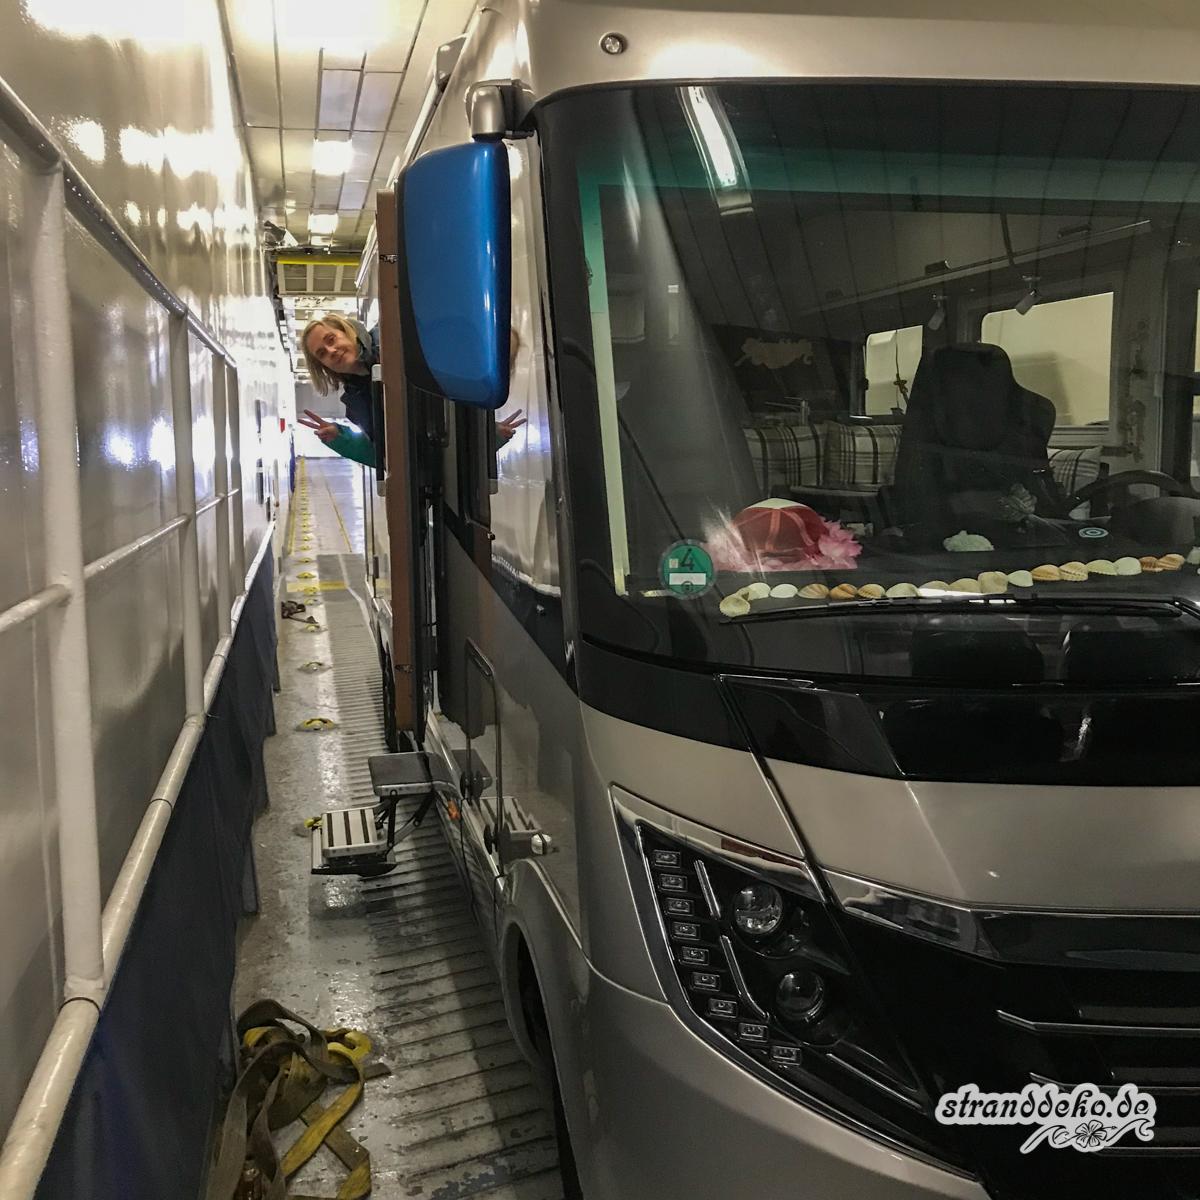 Fähre Schottland 3024 - Ijmuiden - Newcastle: Mit Wohnmobil und Fähre nach Schottland